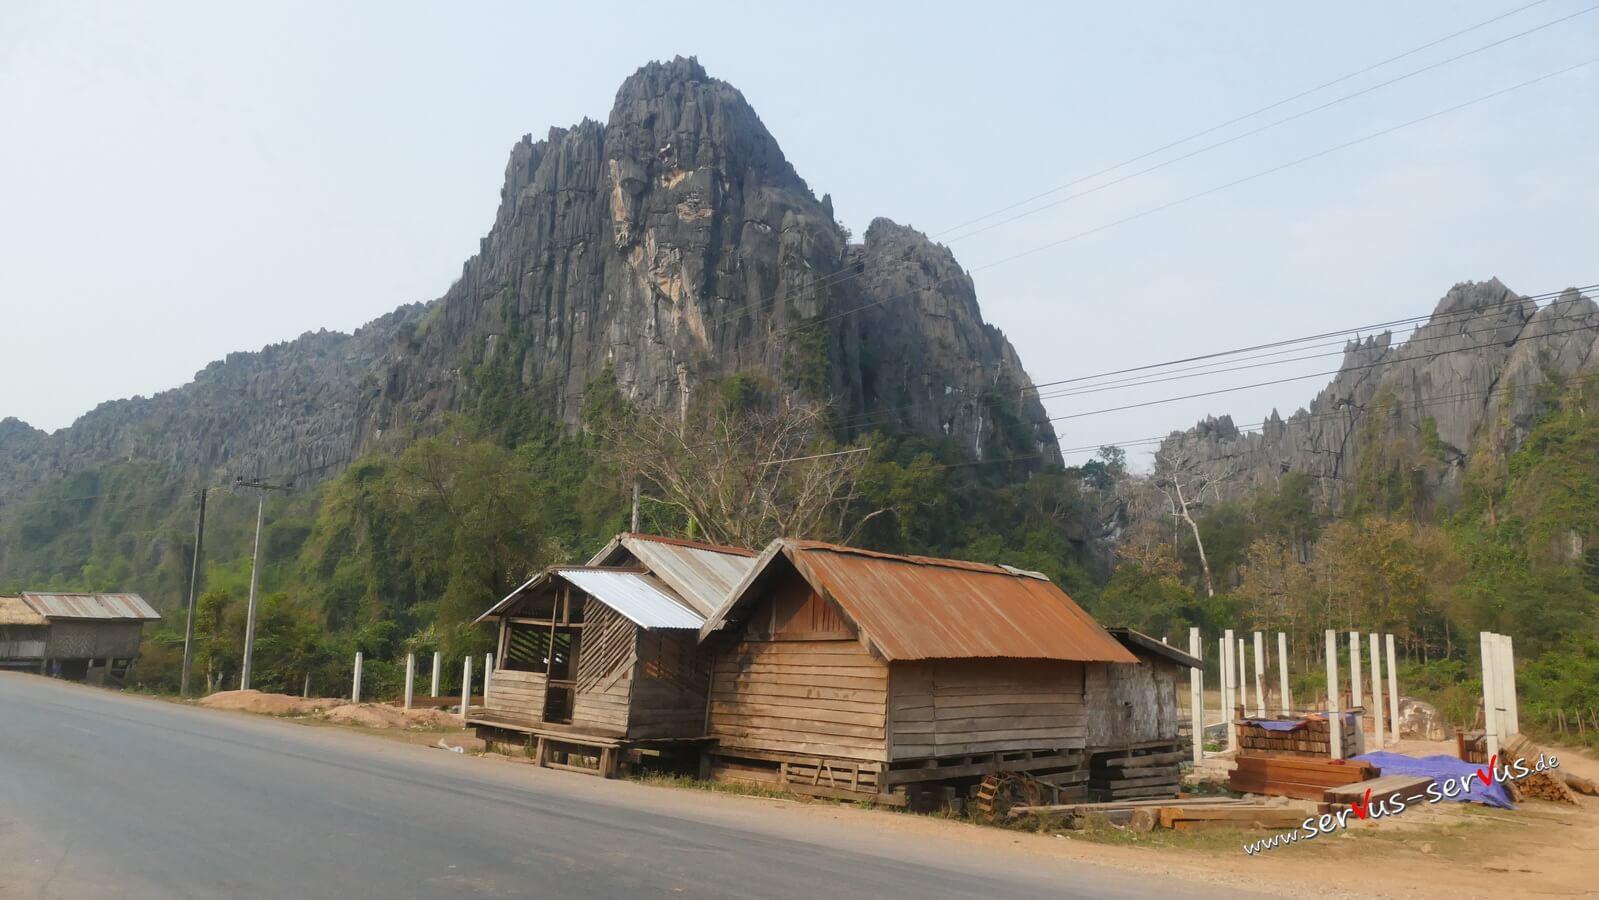 Hütte am Wegesrand zur Kong Lor Cave